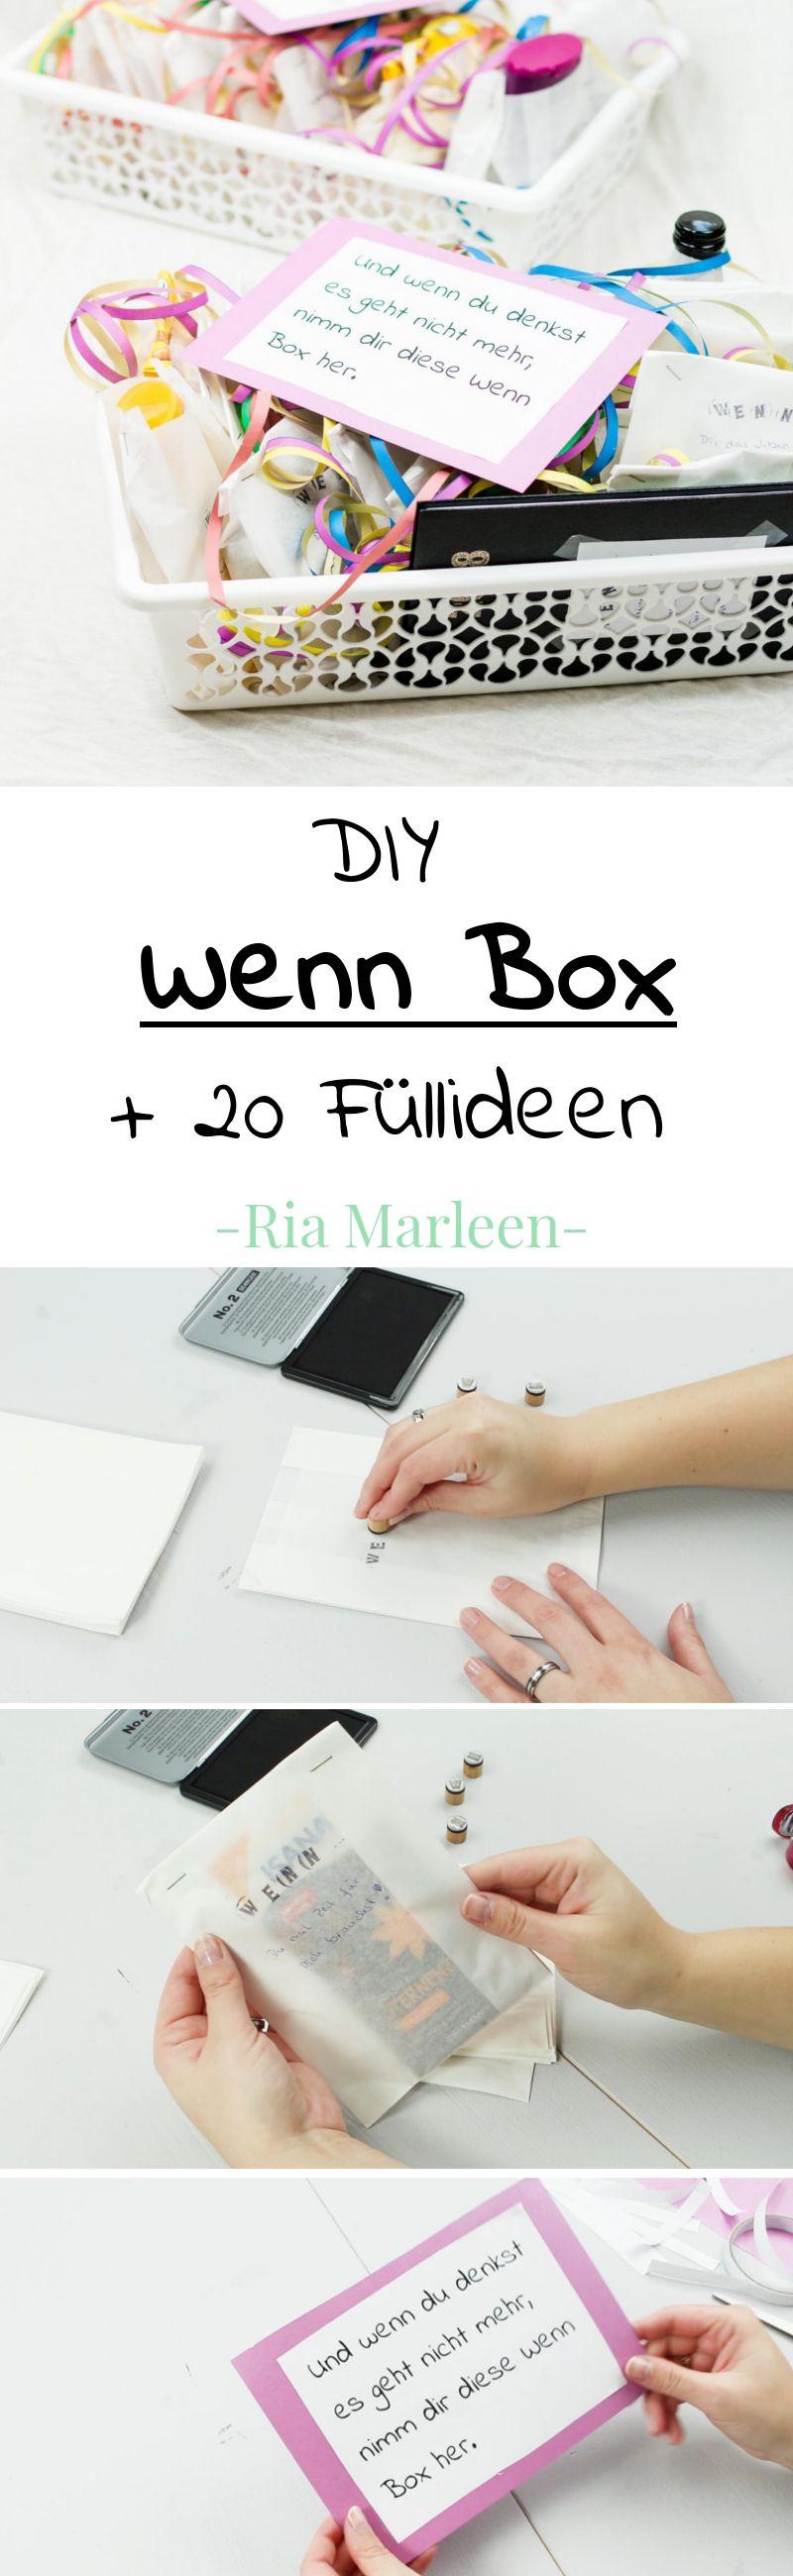 DIY Wenn Box basteln schöne Geschenkidee für jede Person und jeden Anlass egal ob Geburtstag Weihnachten oder Hochzeit über se Wenn Buch